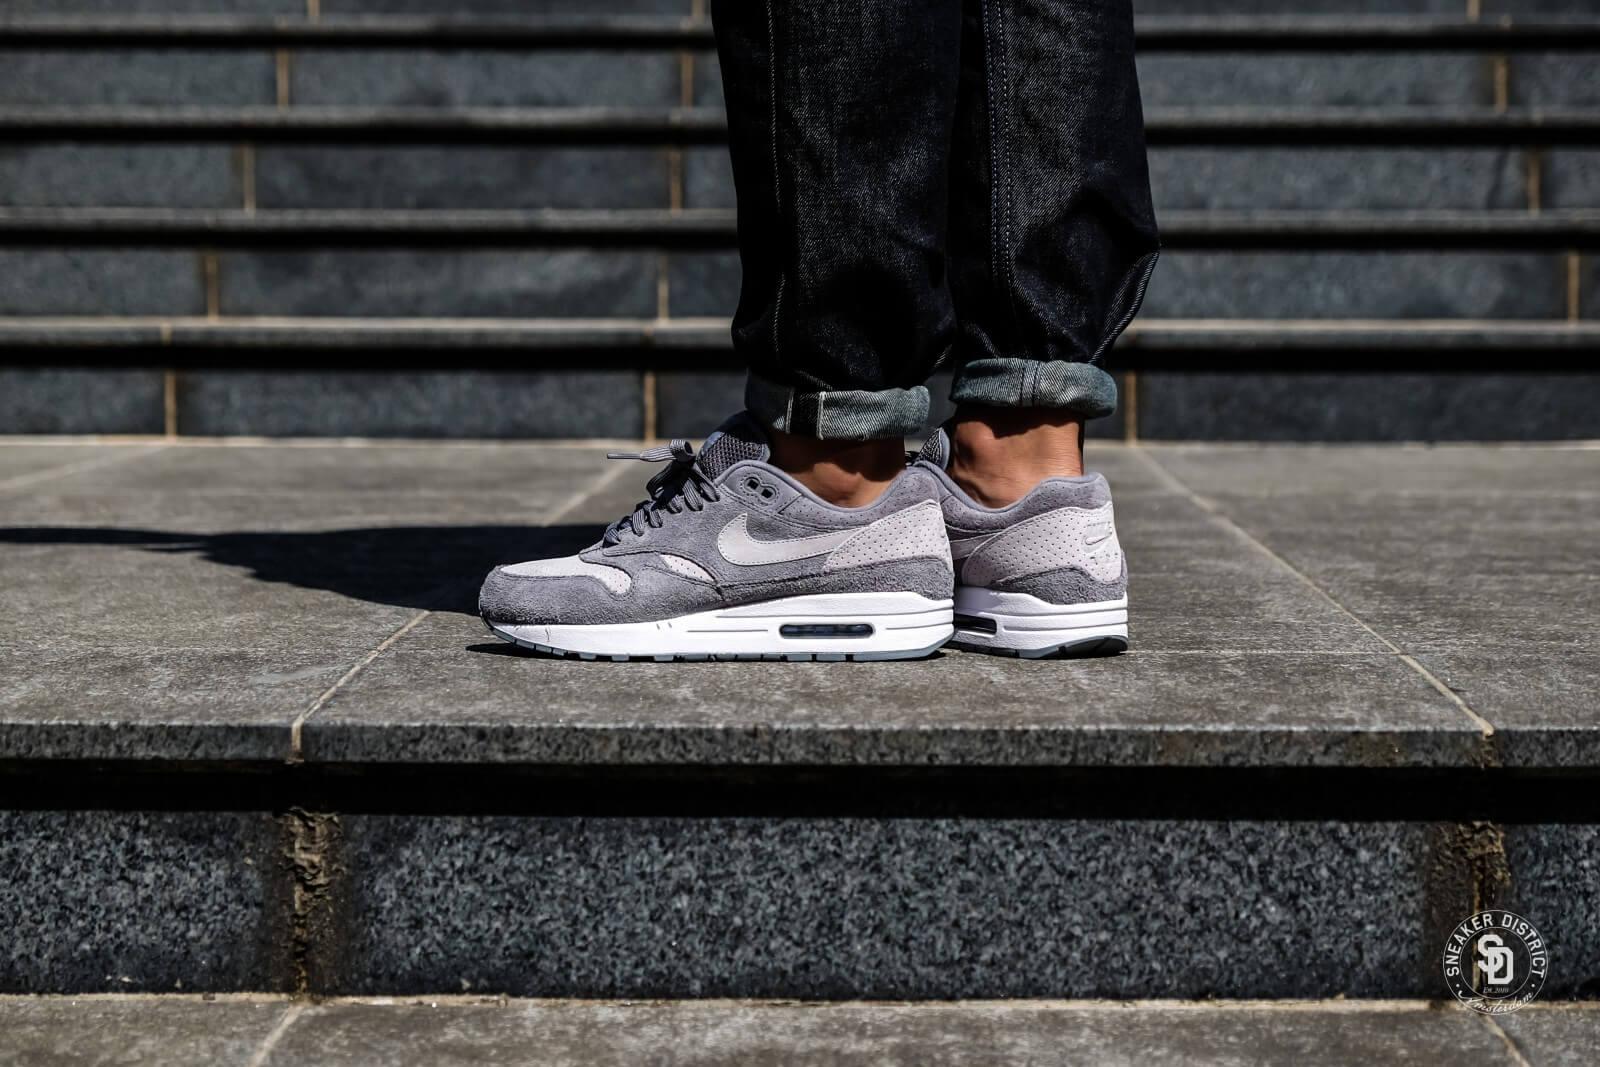 Nike Air Max 1 Premium Cool Grey/Wolf